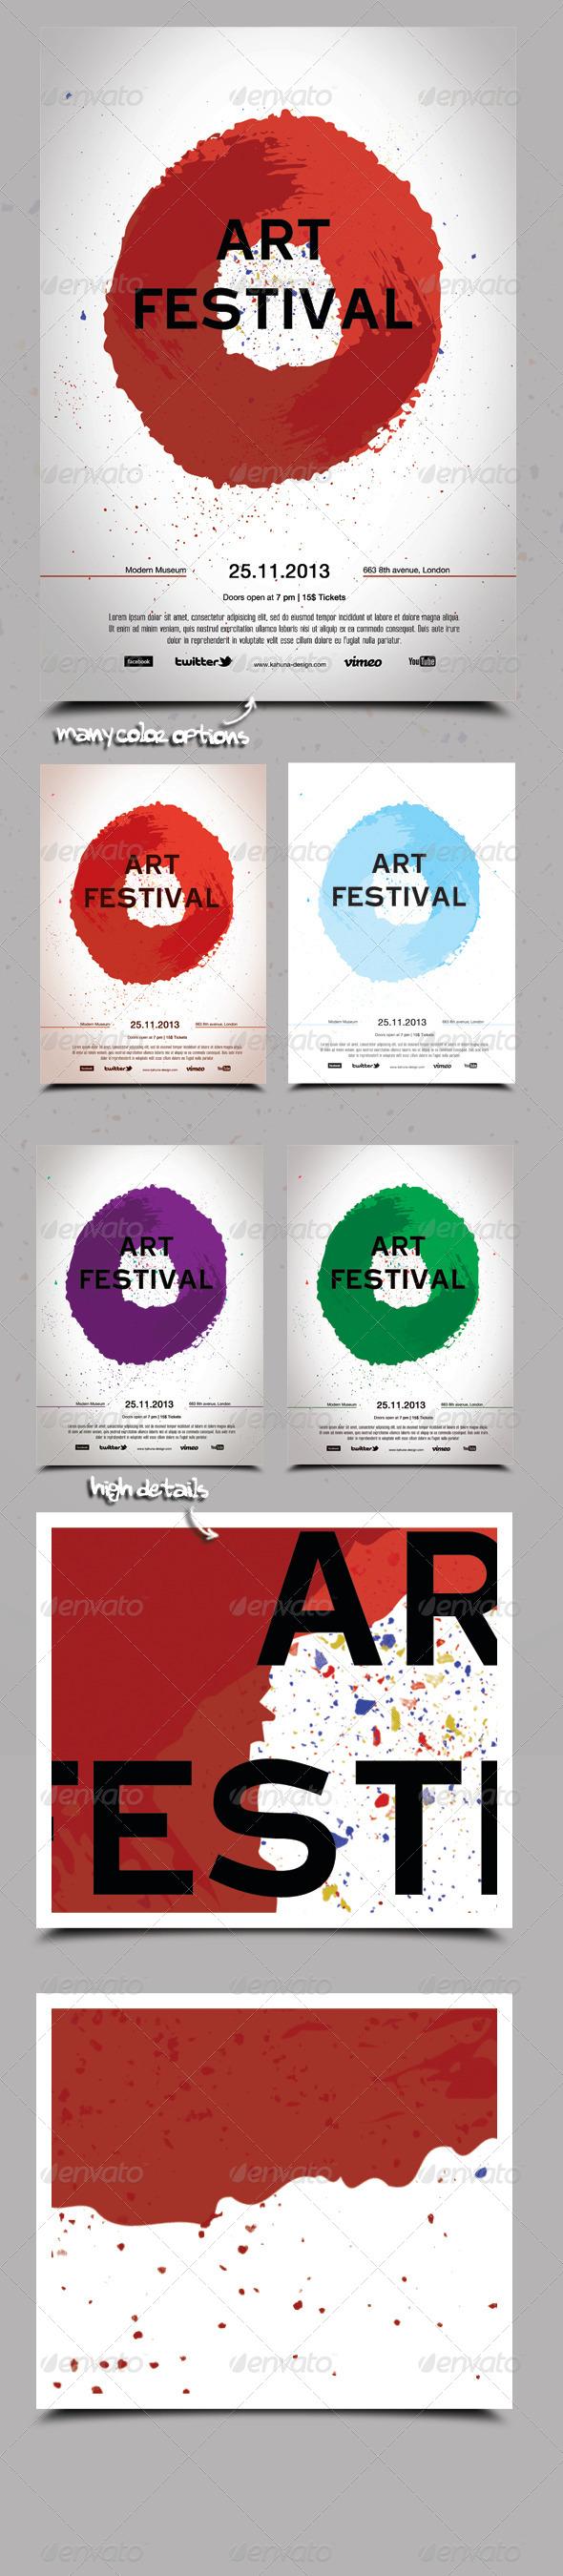 Art Festival Poster Flyer